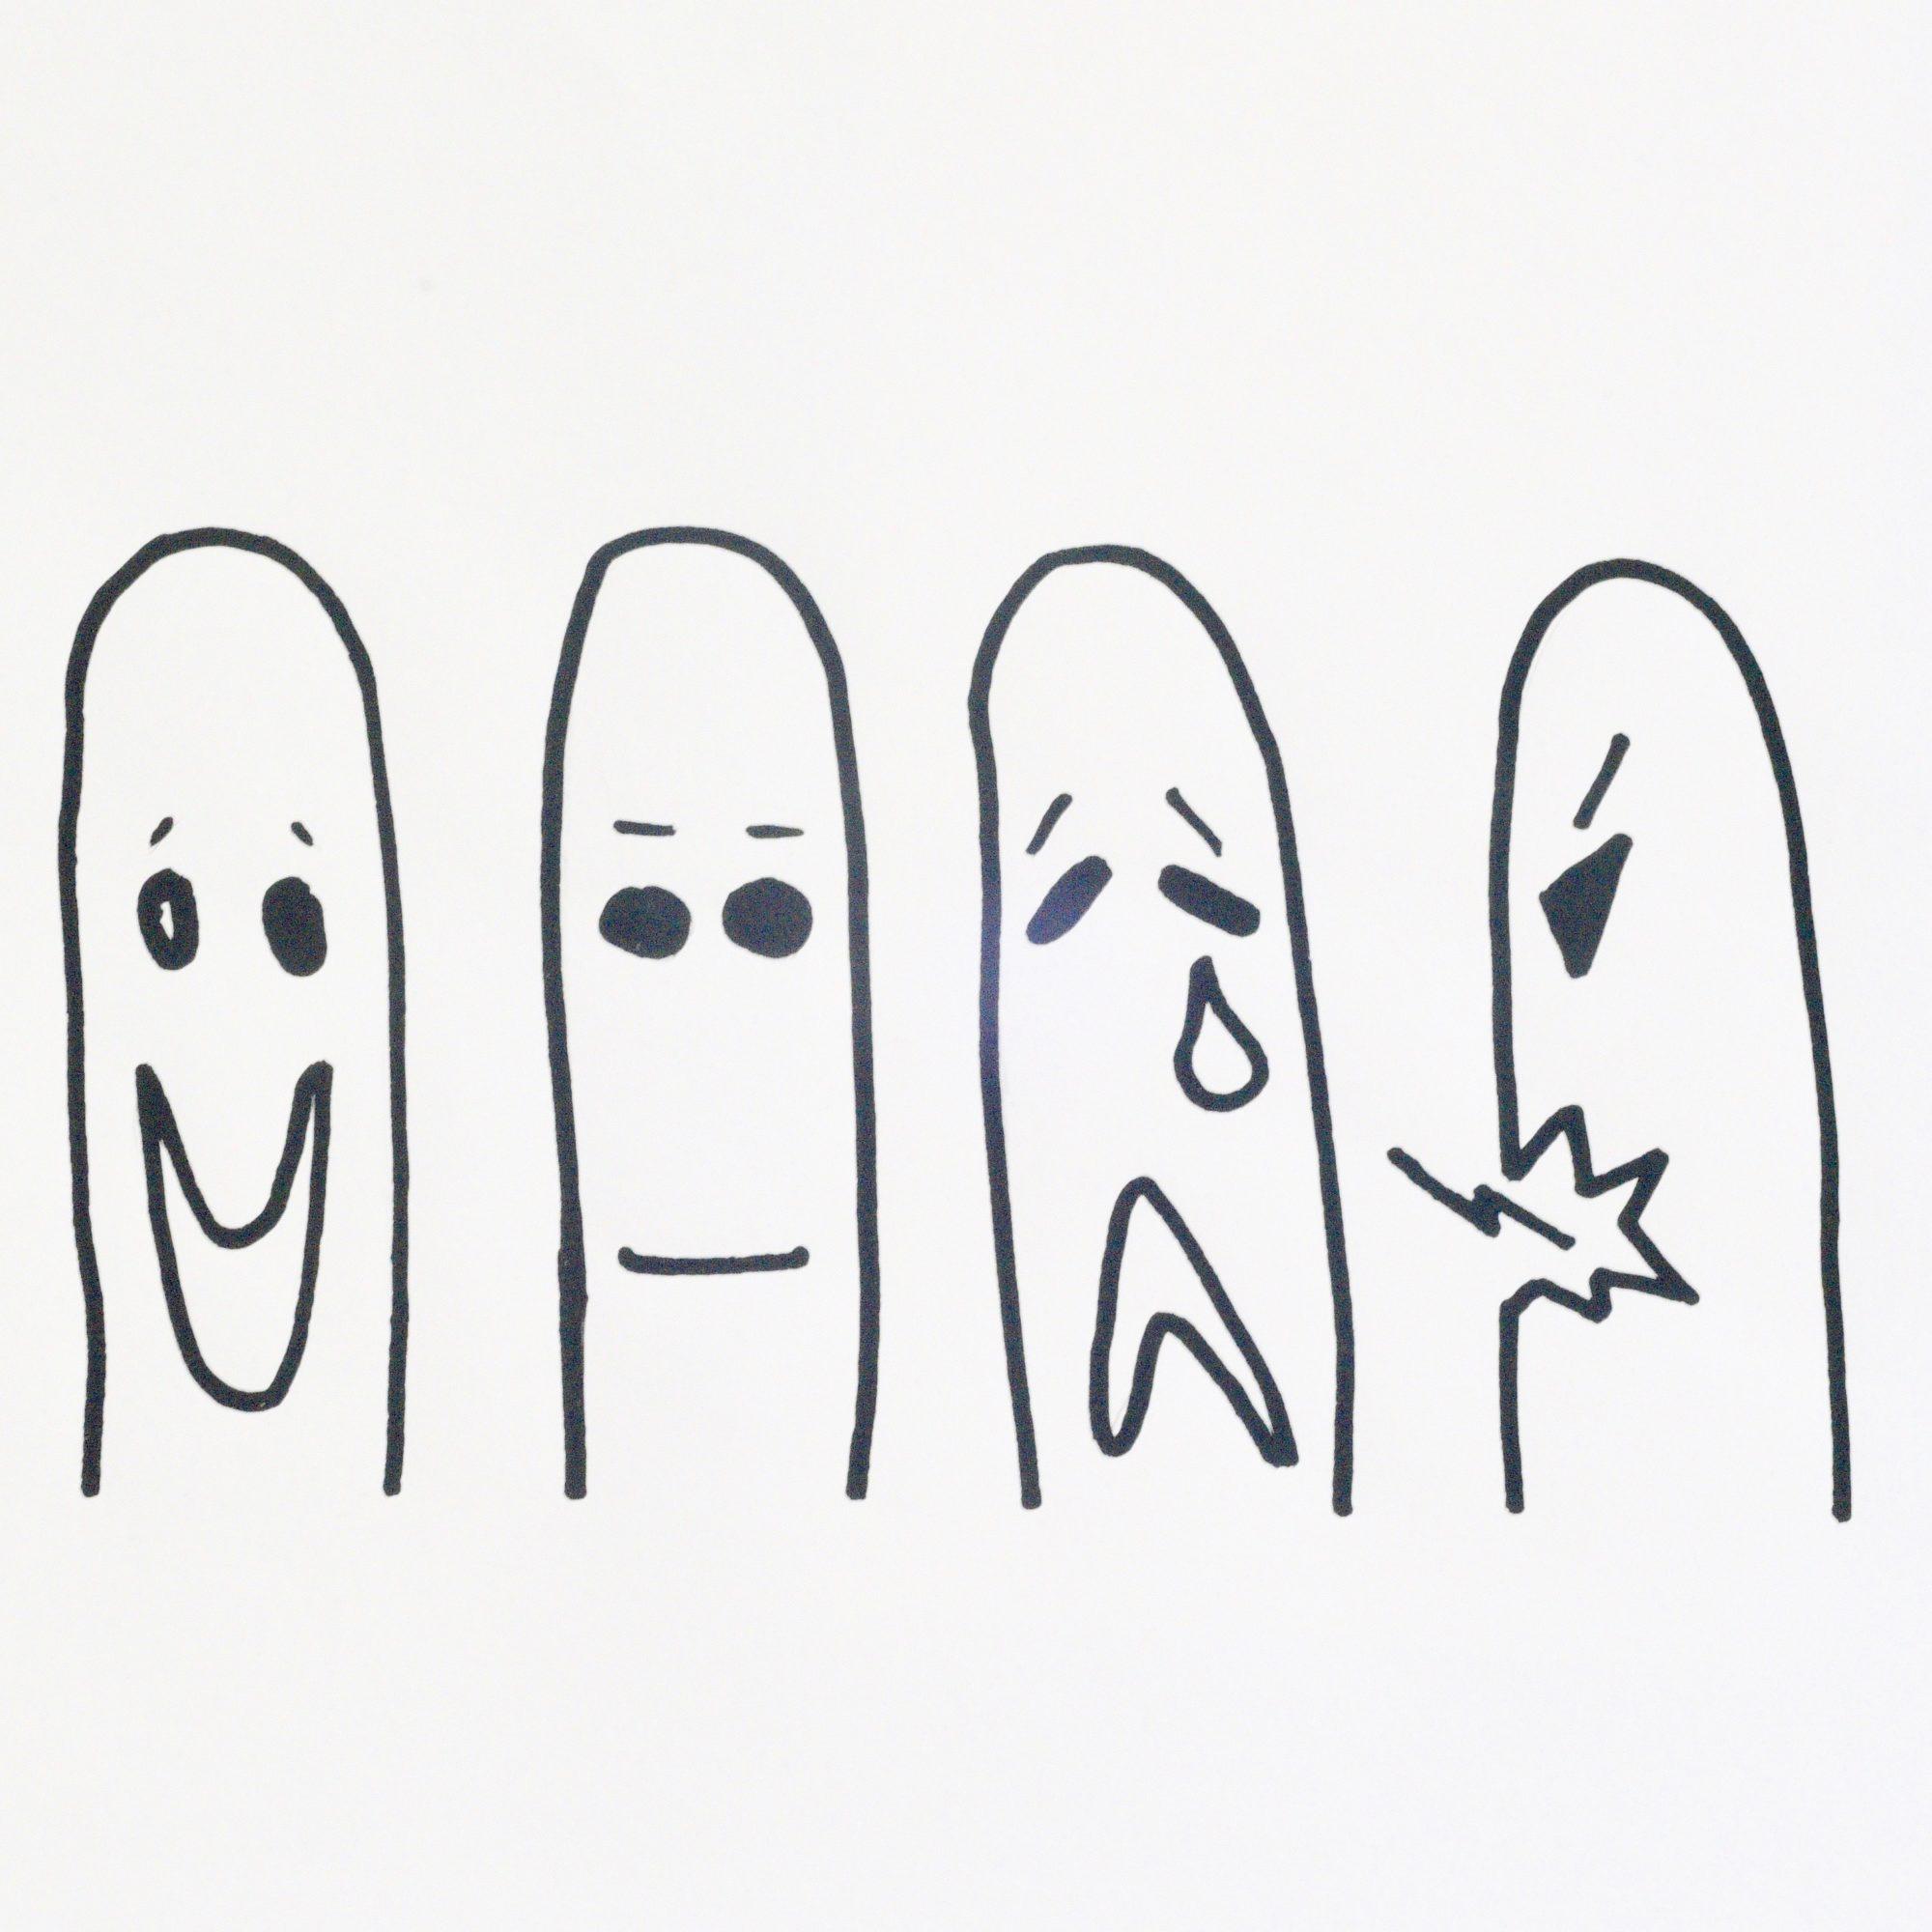 Dessin de 4 personnages caractérisant différentes émotions